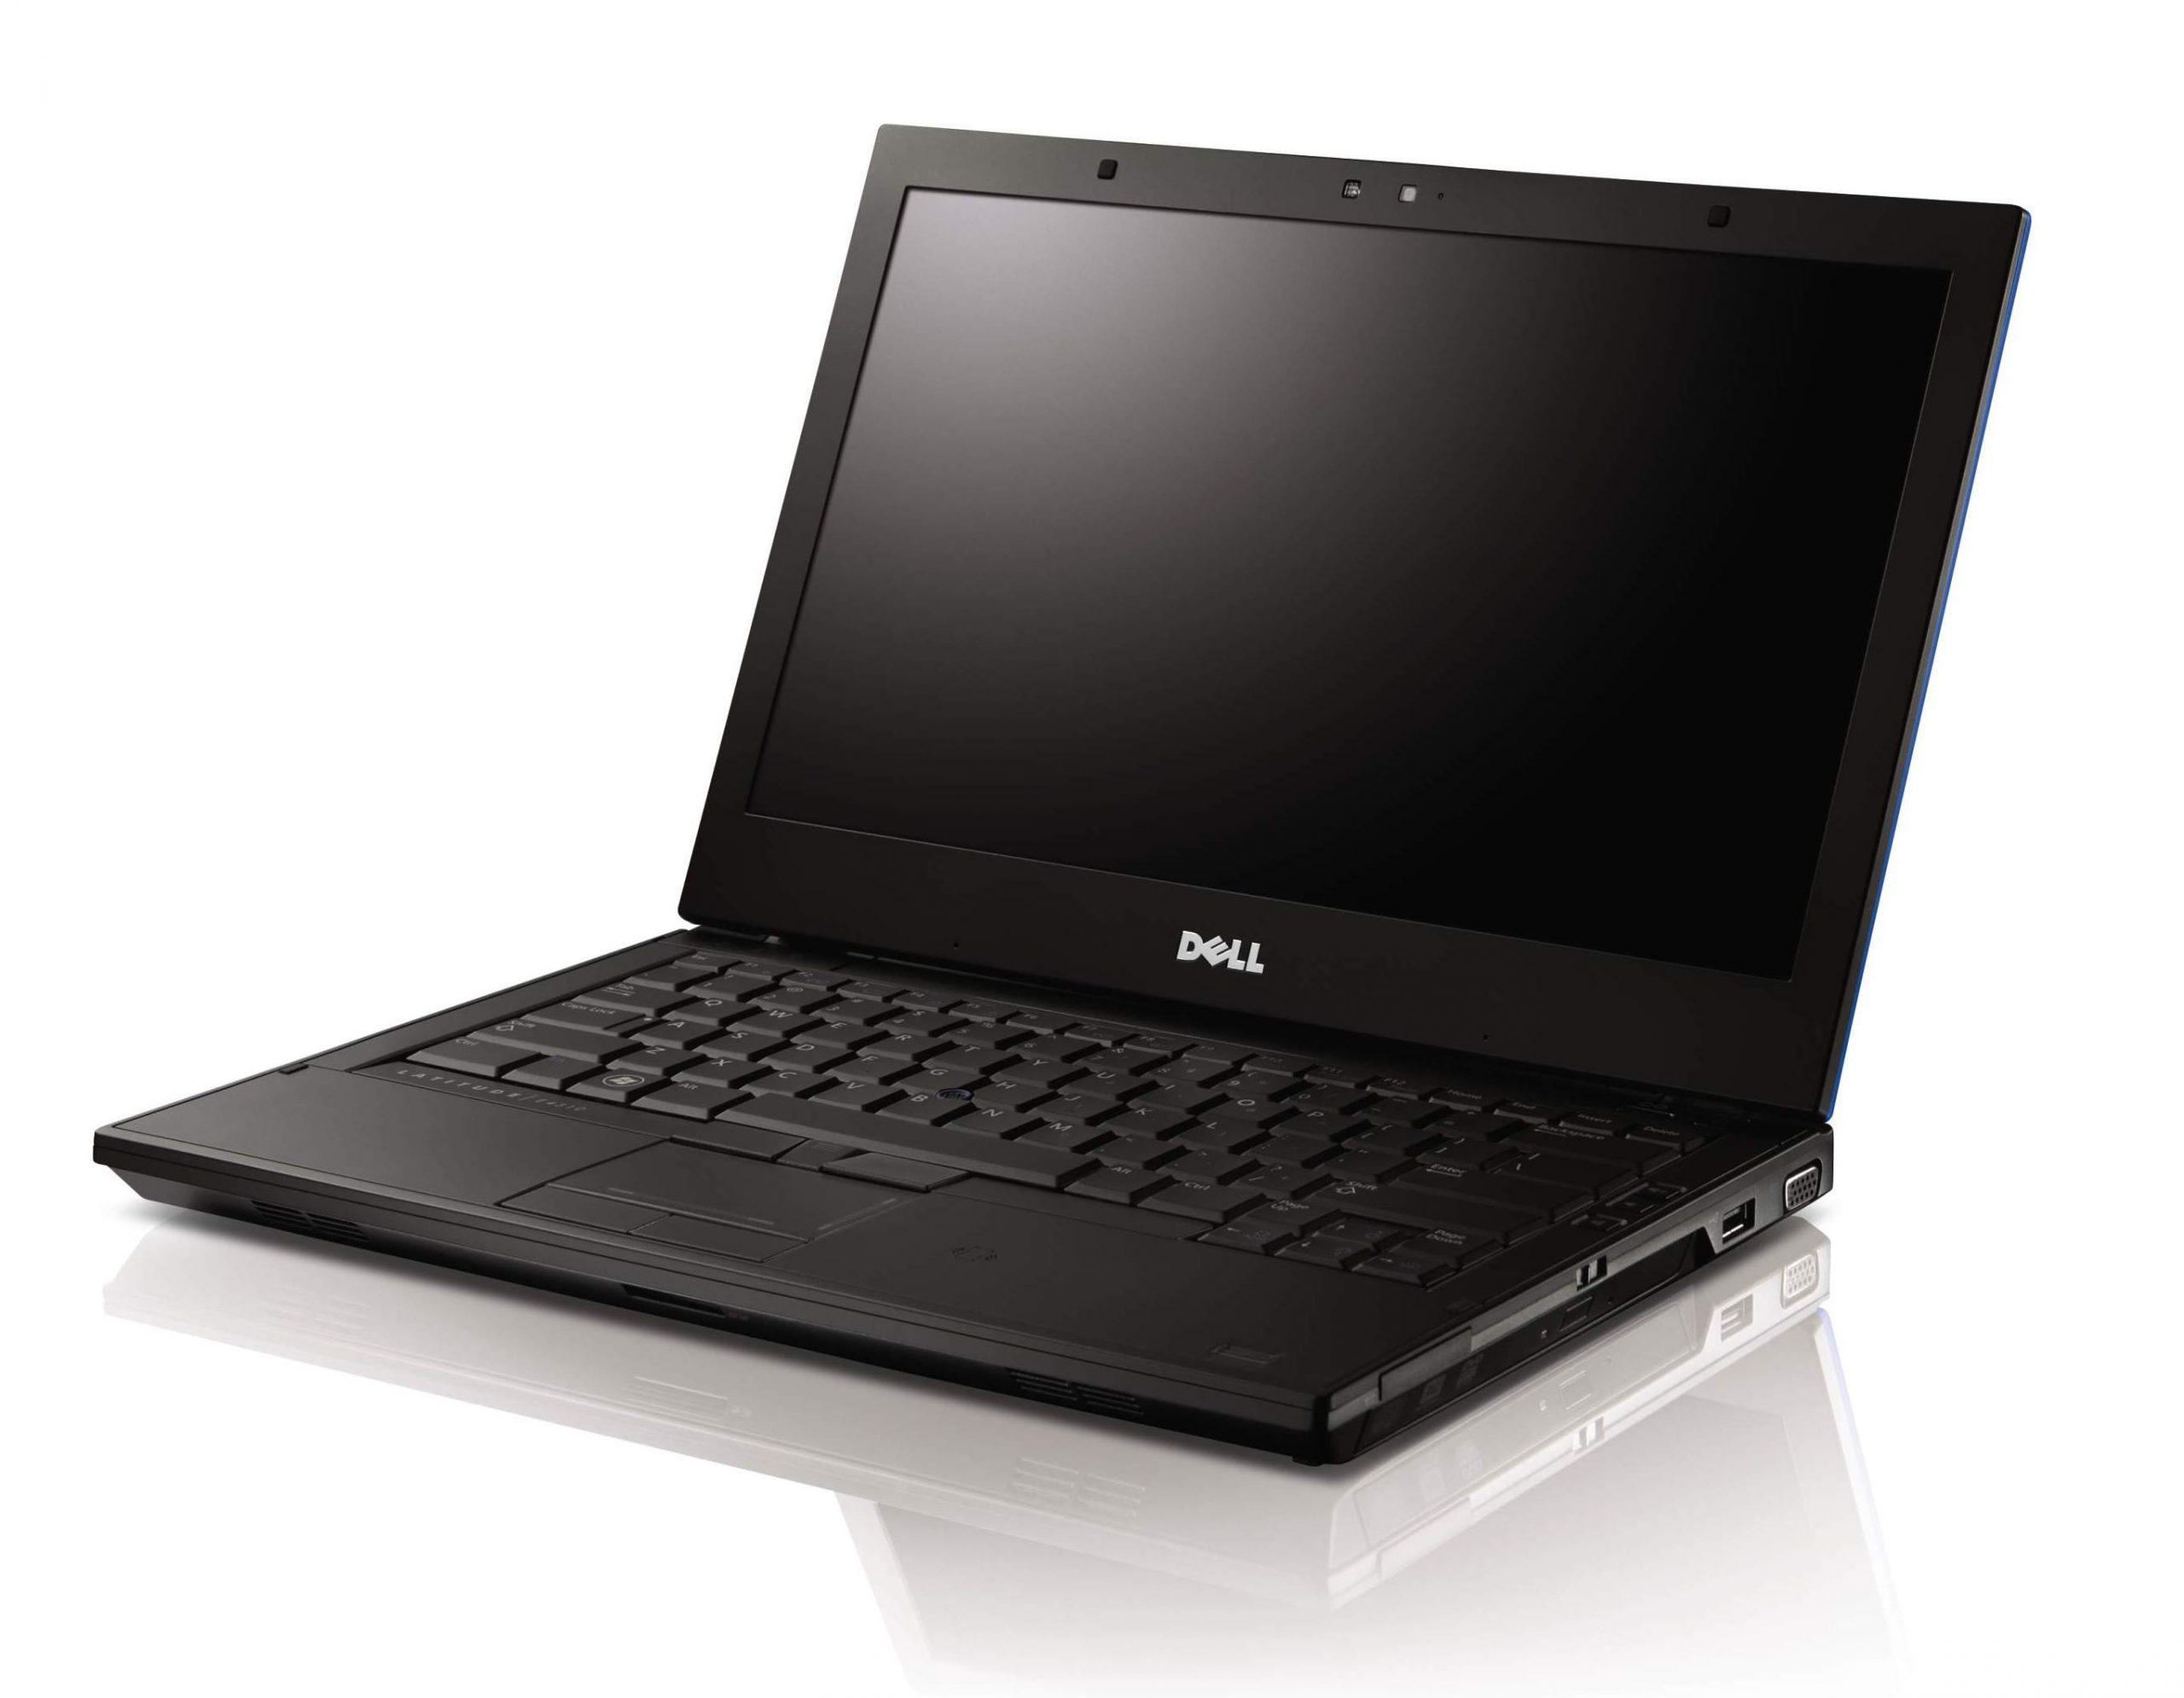 بررسی لپ تاپ Dell Latitude E5500